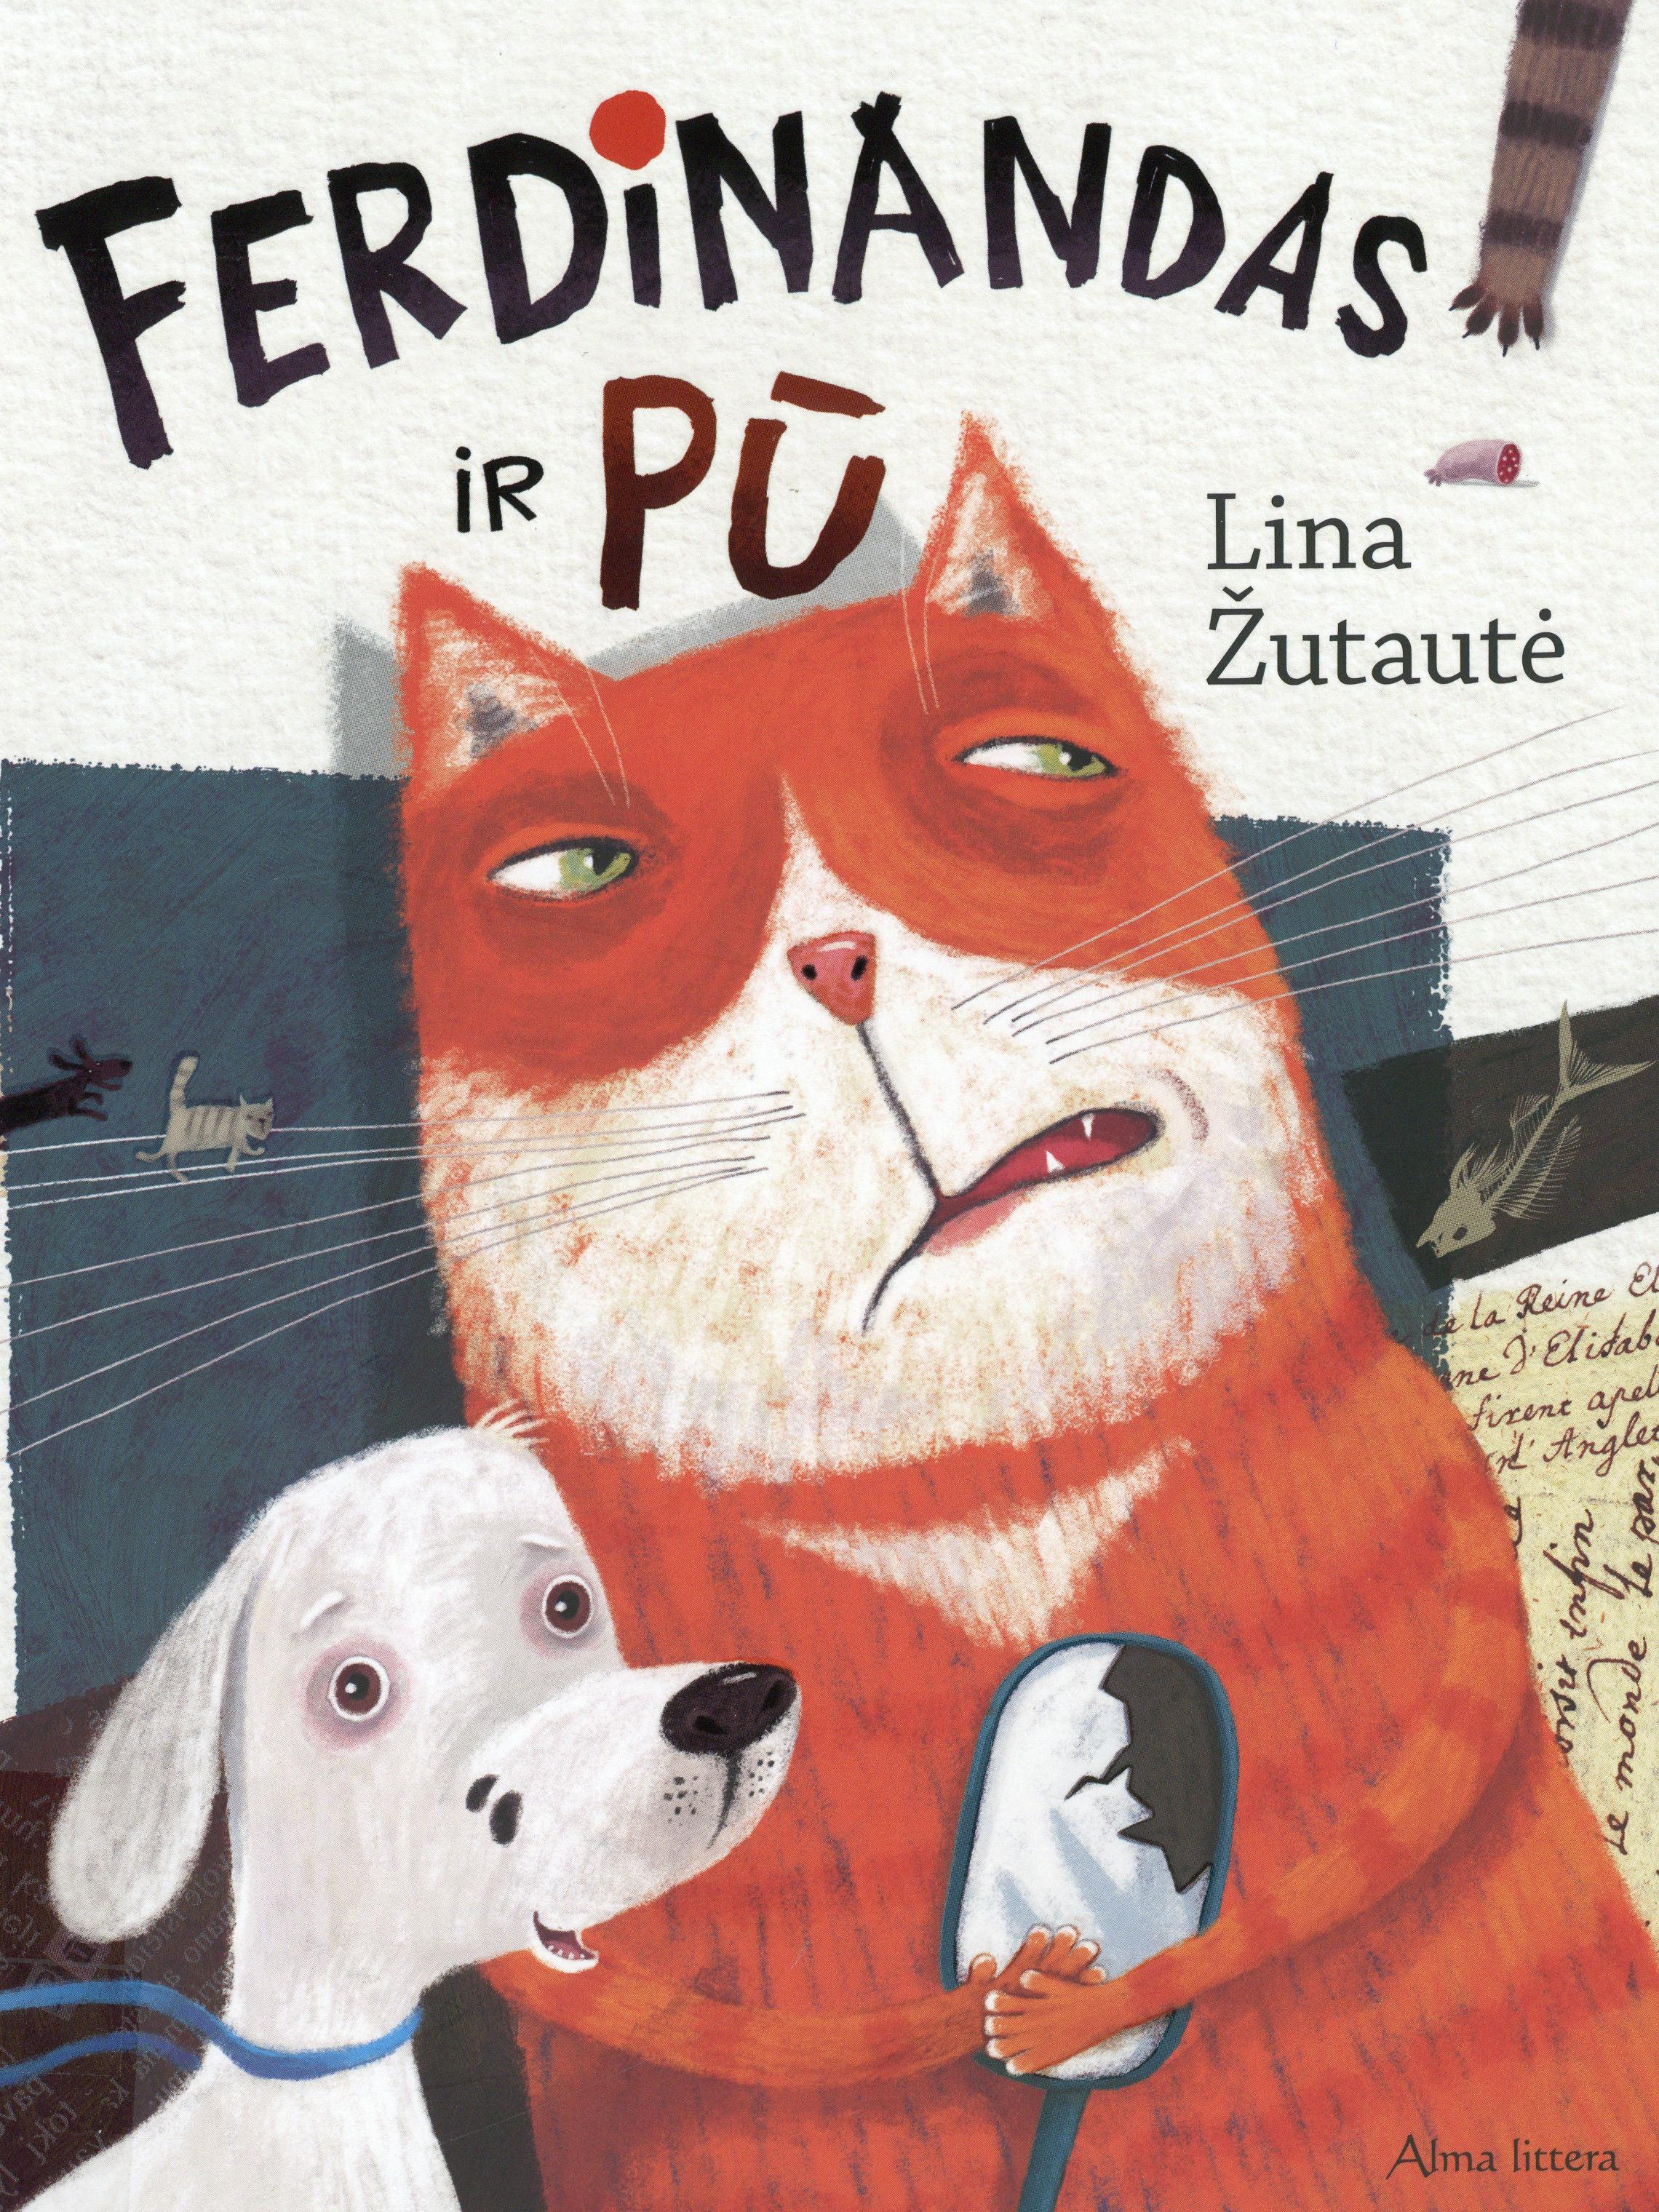 Ferdinandas ir Pū (Ferdinand und Pfote) Book Cover